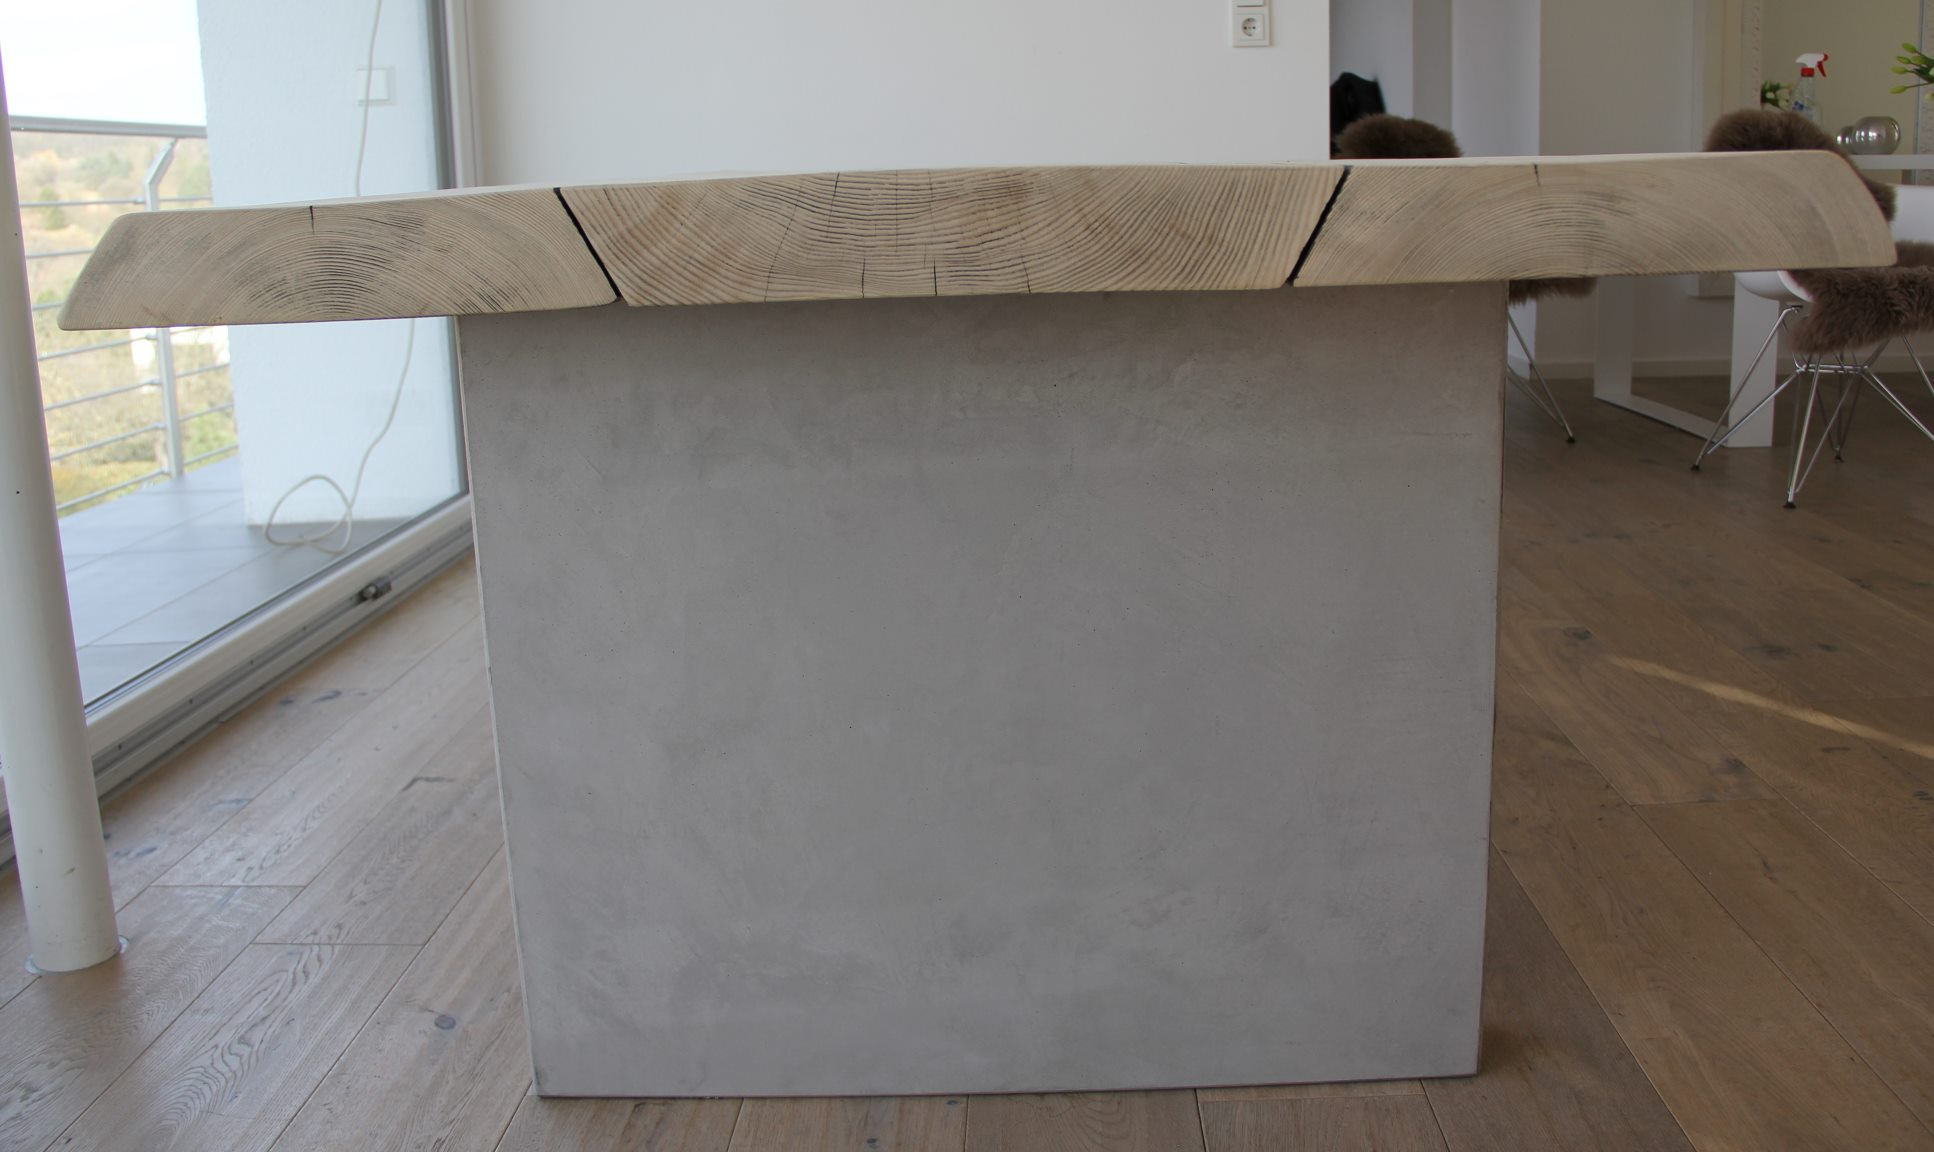 mainTisch-Beton-Tisch-Betontisch-massTisch-Schreibtisch-Esstisch-Kiefer Holz 4